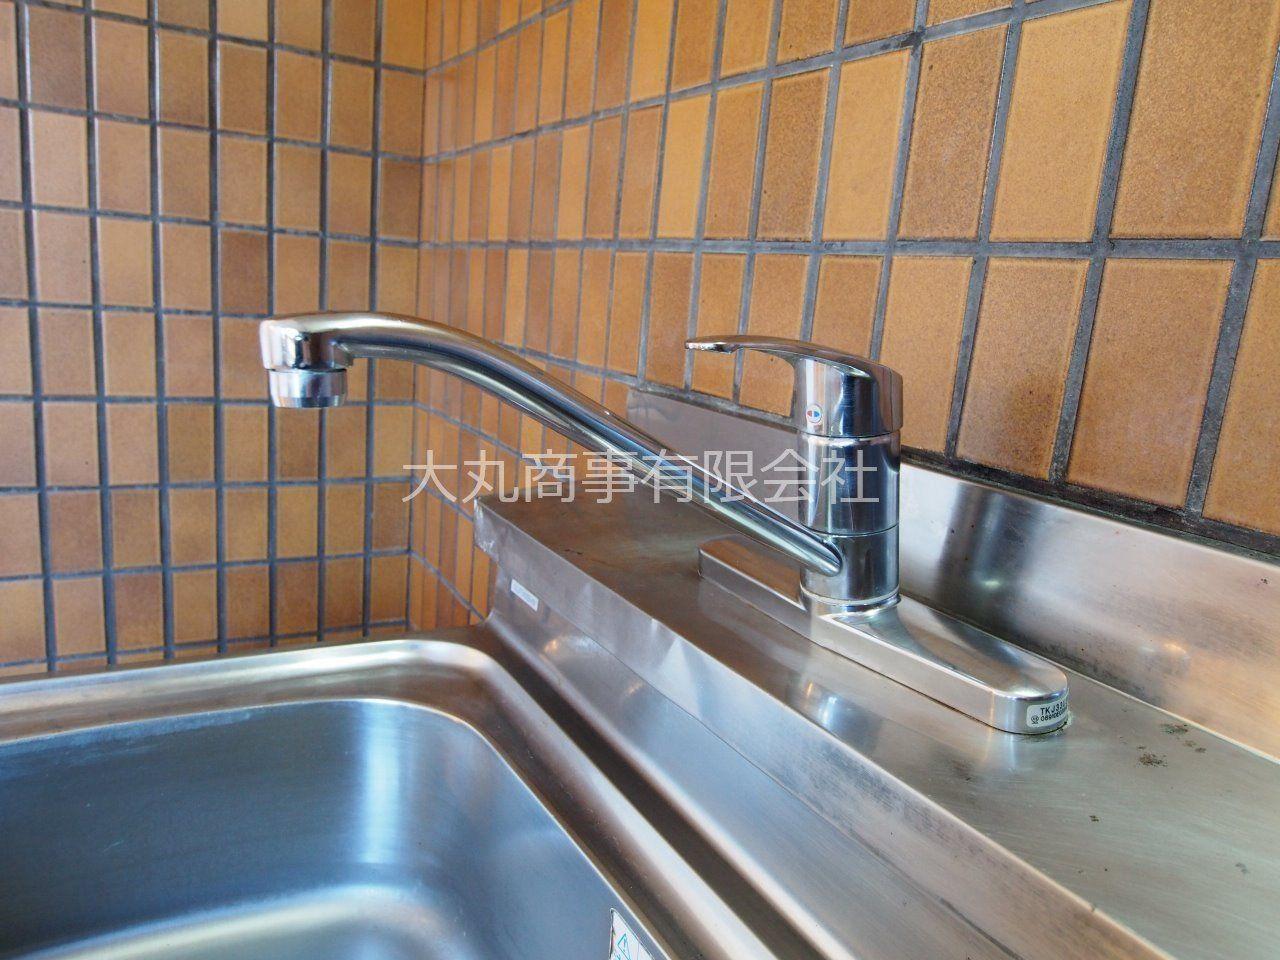 湯水の切り替えが簡単なワンレバー式水栓